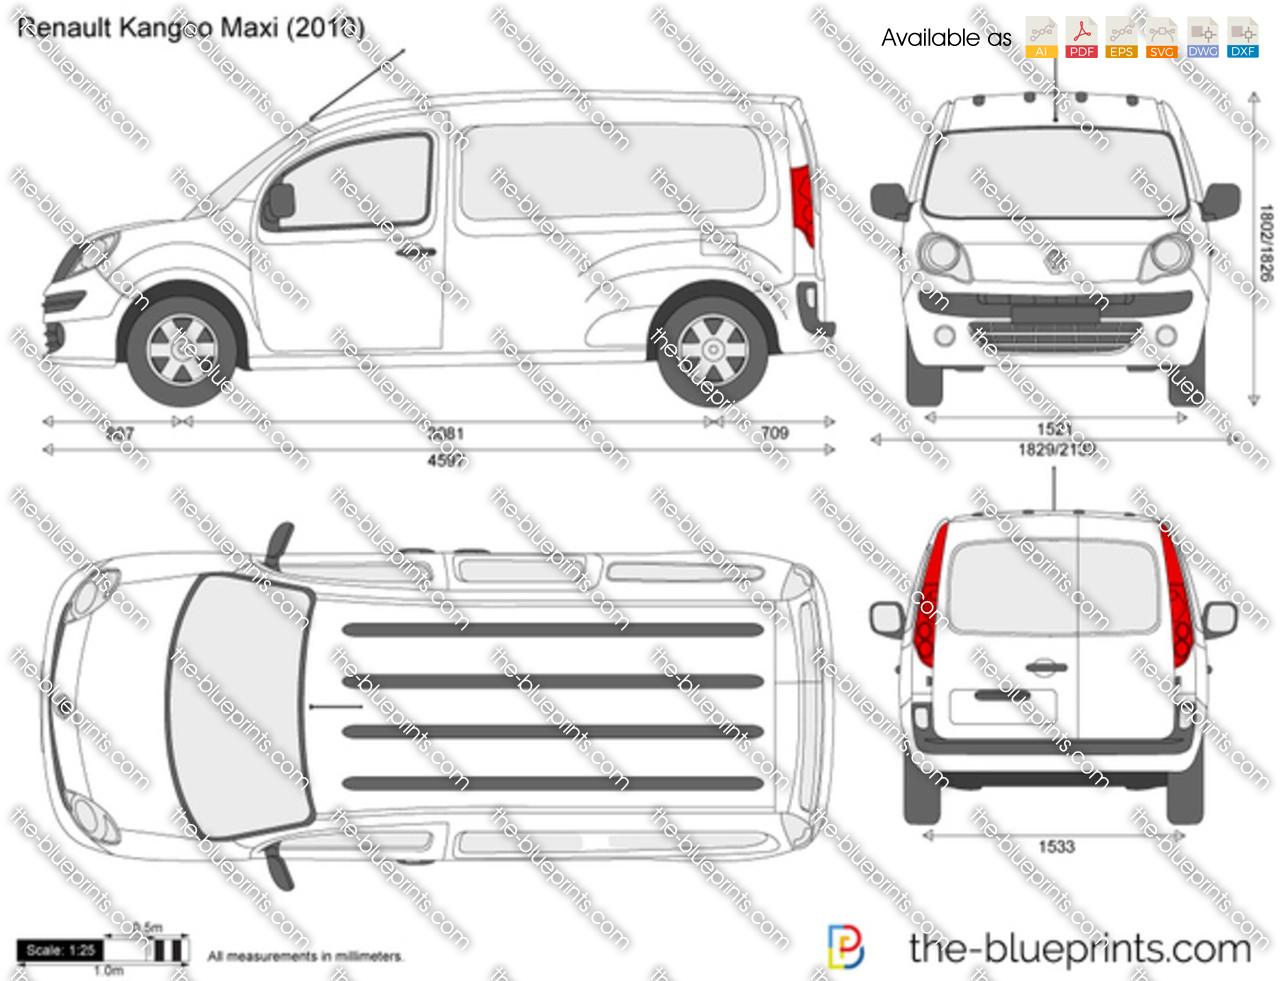 Renault Kangoo Maxi vector drawing